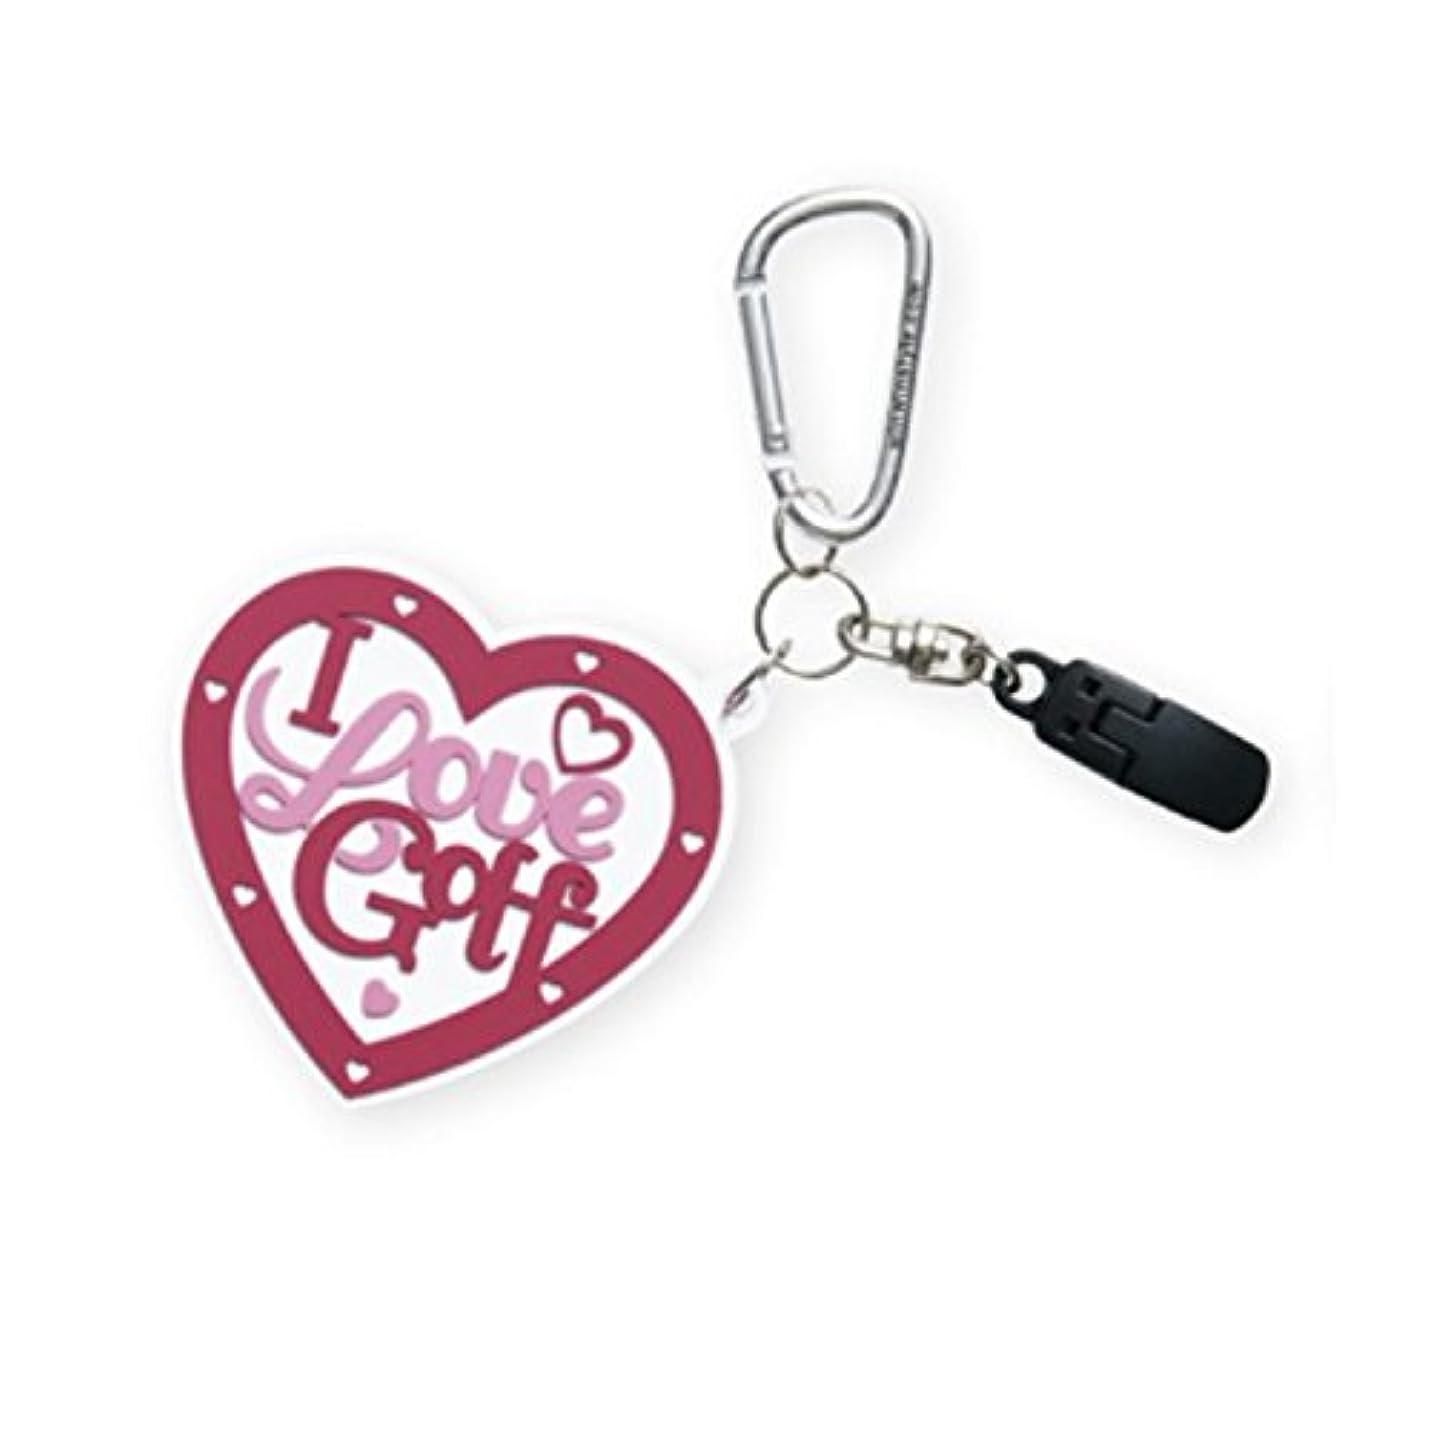 事業狼媒染剤WINWIN STYLE(ウィンウィンスタイル) LOVE HEART PUTTER CATCHER RUBBER TYPE PC-116 ユニセックス PC-116 ホワイト 用途:パターキャッチャー&ネームタグ